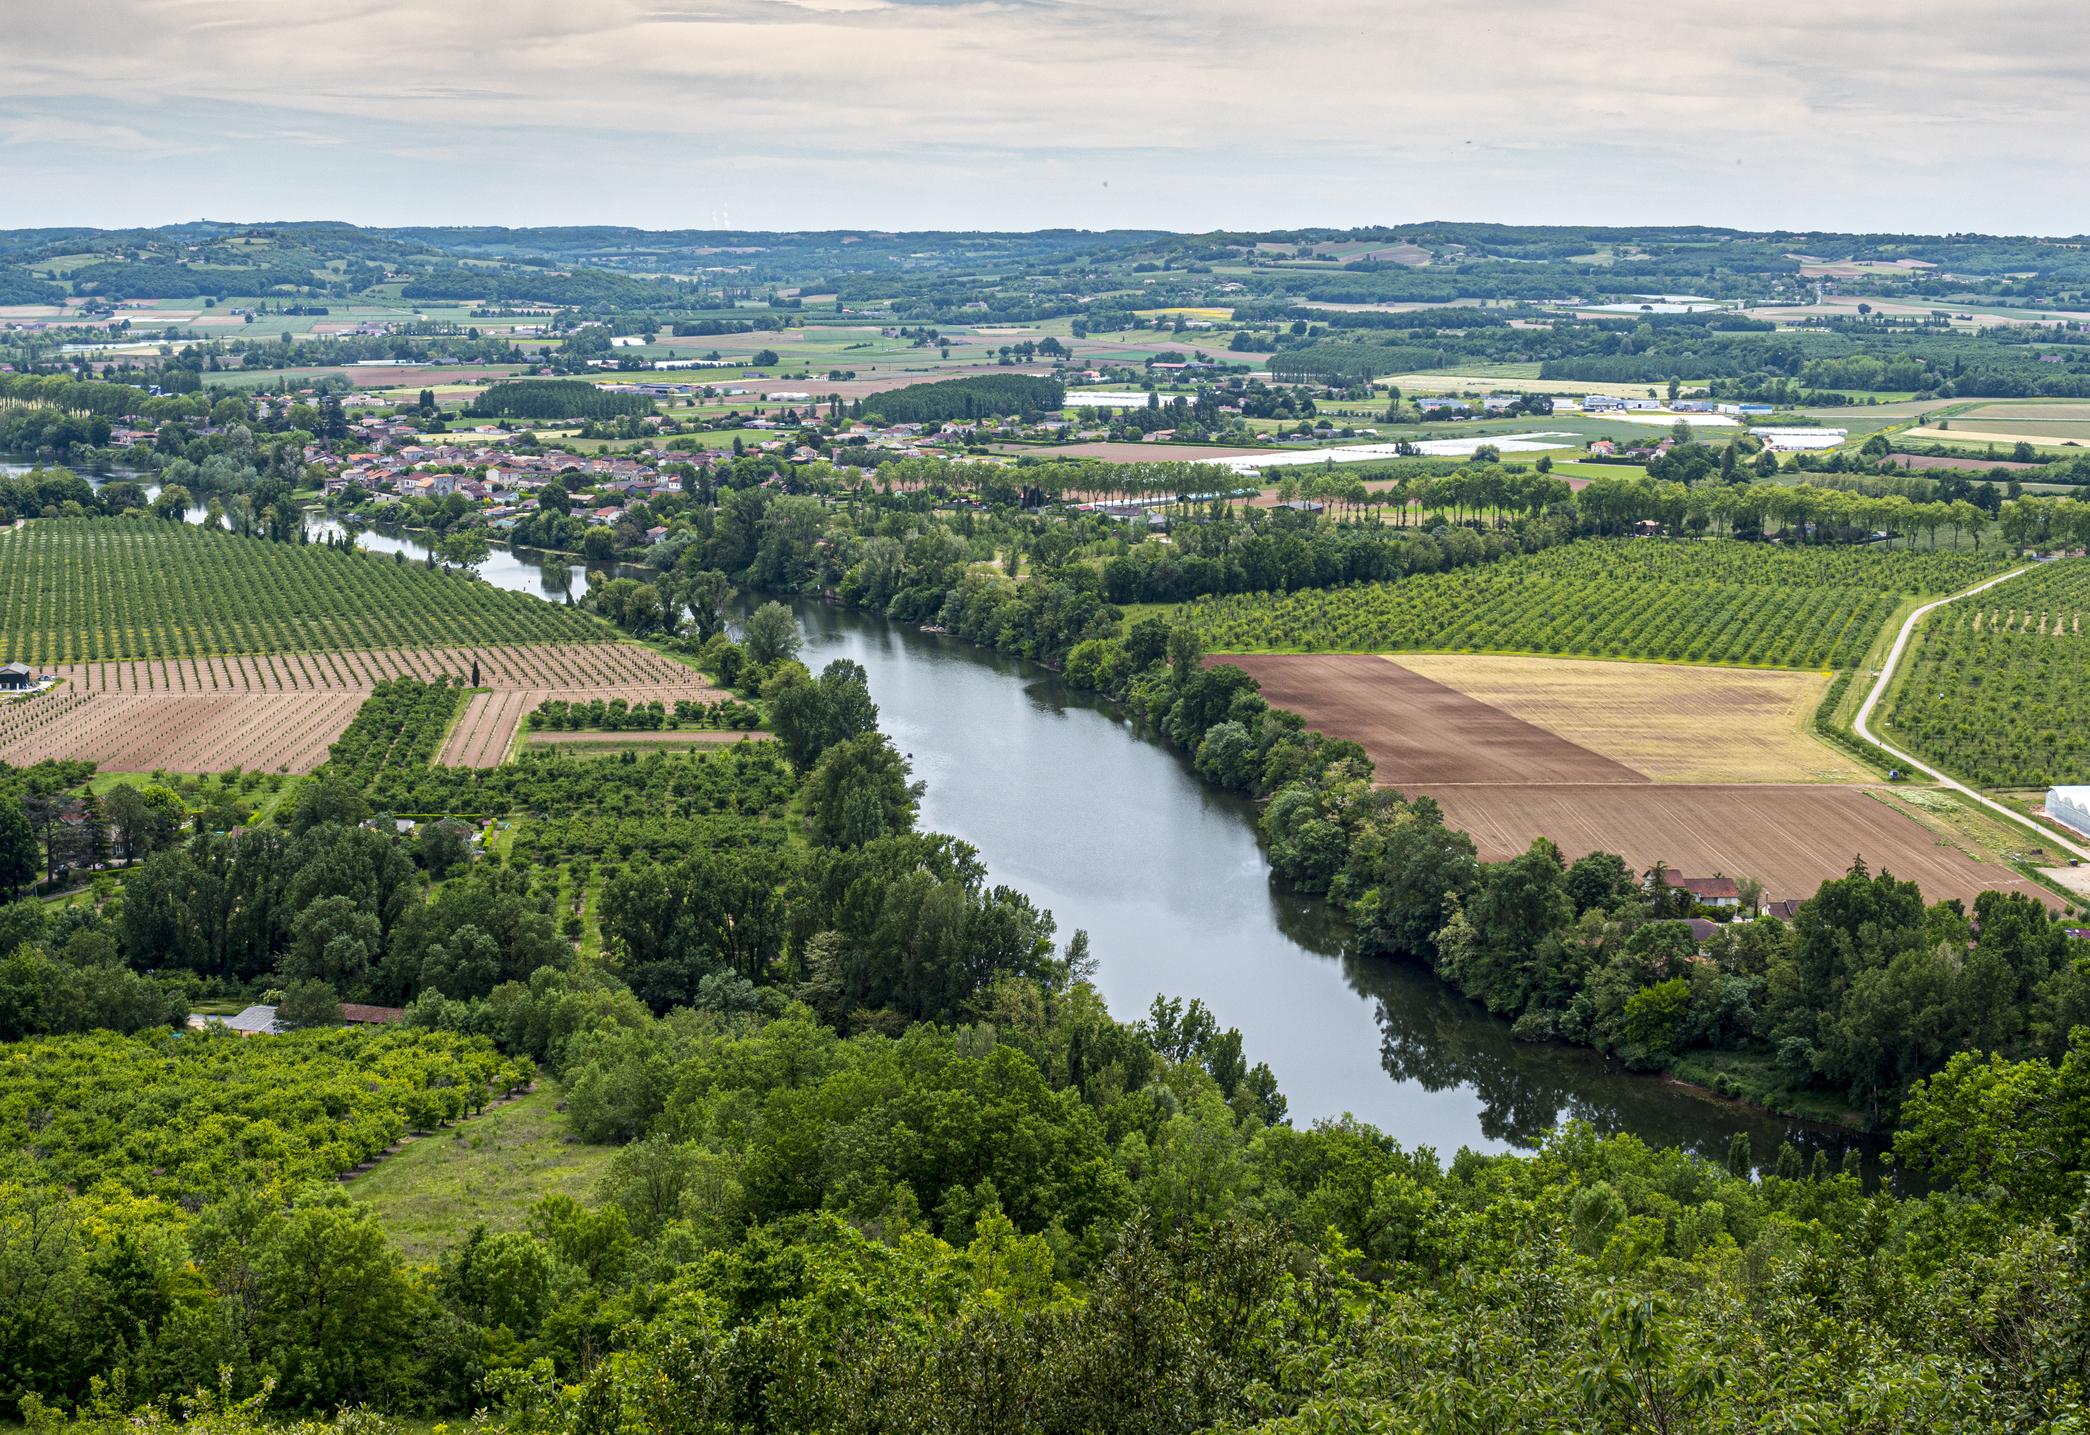 Pompes funèbres en Aveyron - Odella.fr